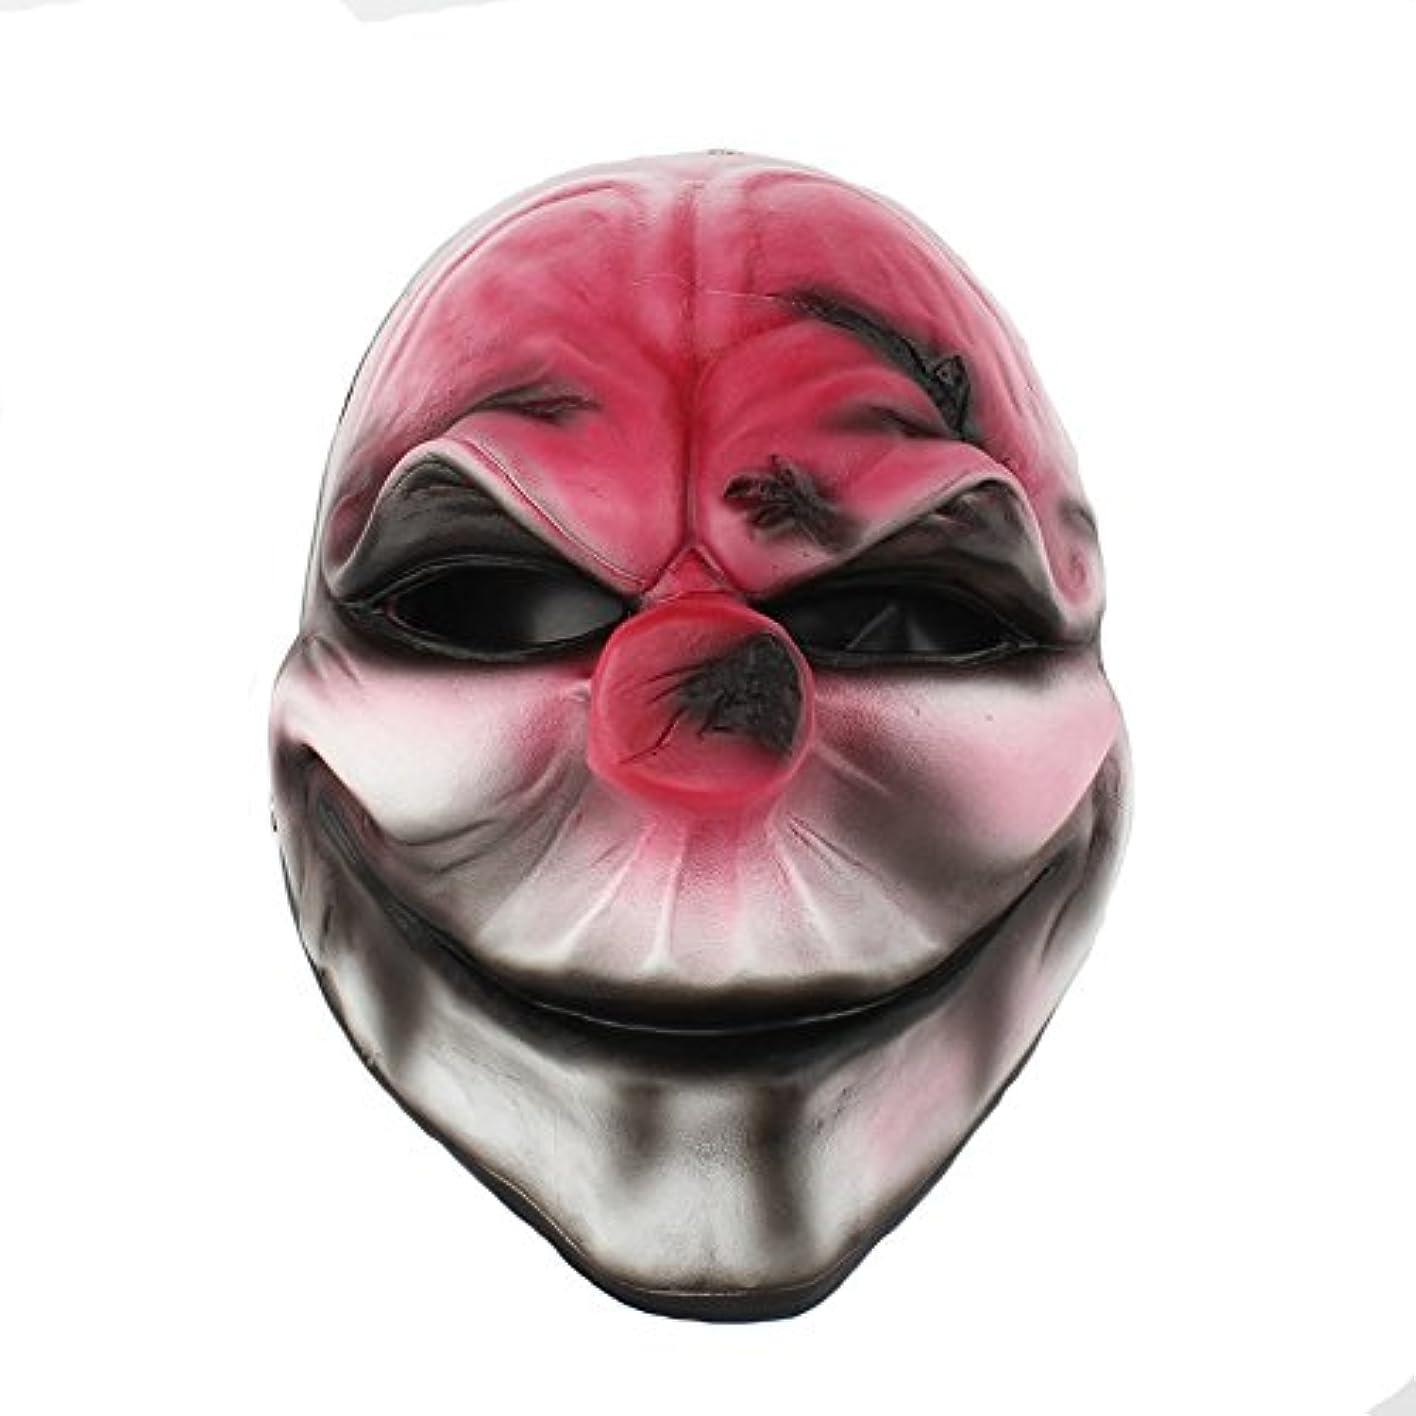 ハント廃止する独立したハロウィーン仮装パーティーキャラクタードレスアップ樹脂マスク